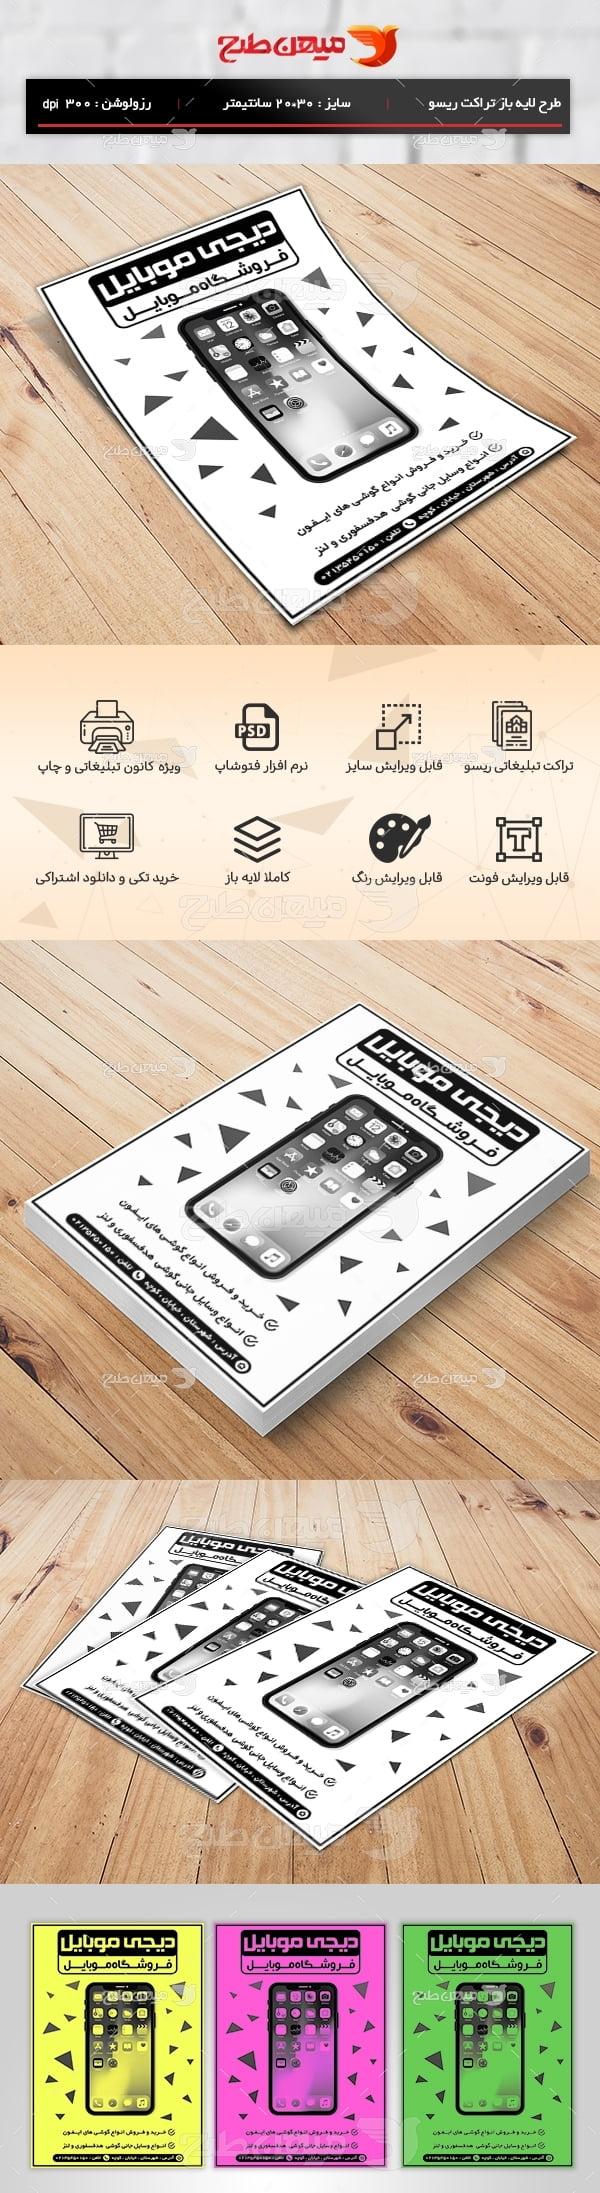 طرح لایه باز تراکت رسیو تبلیغاتی فروشگاه موبایل